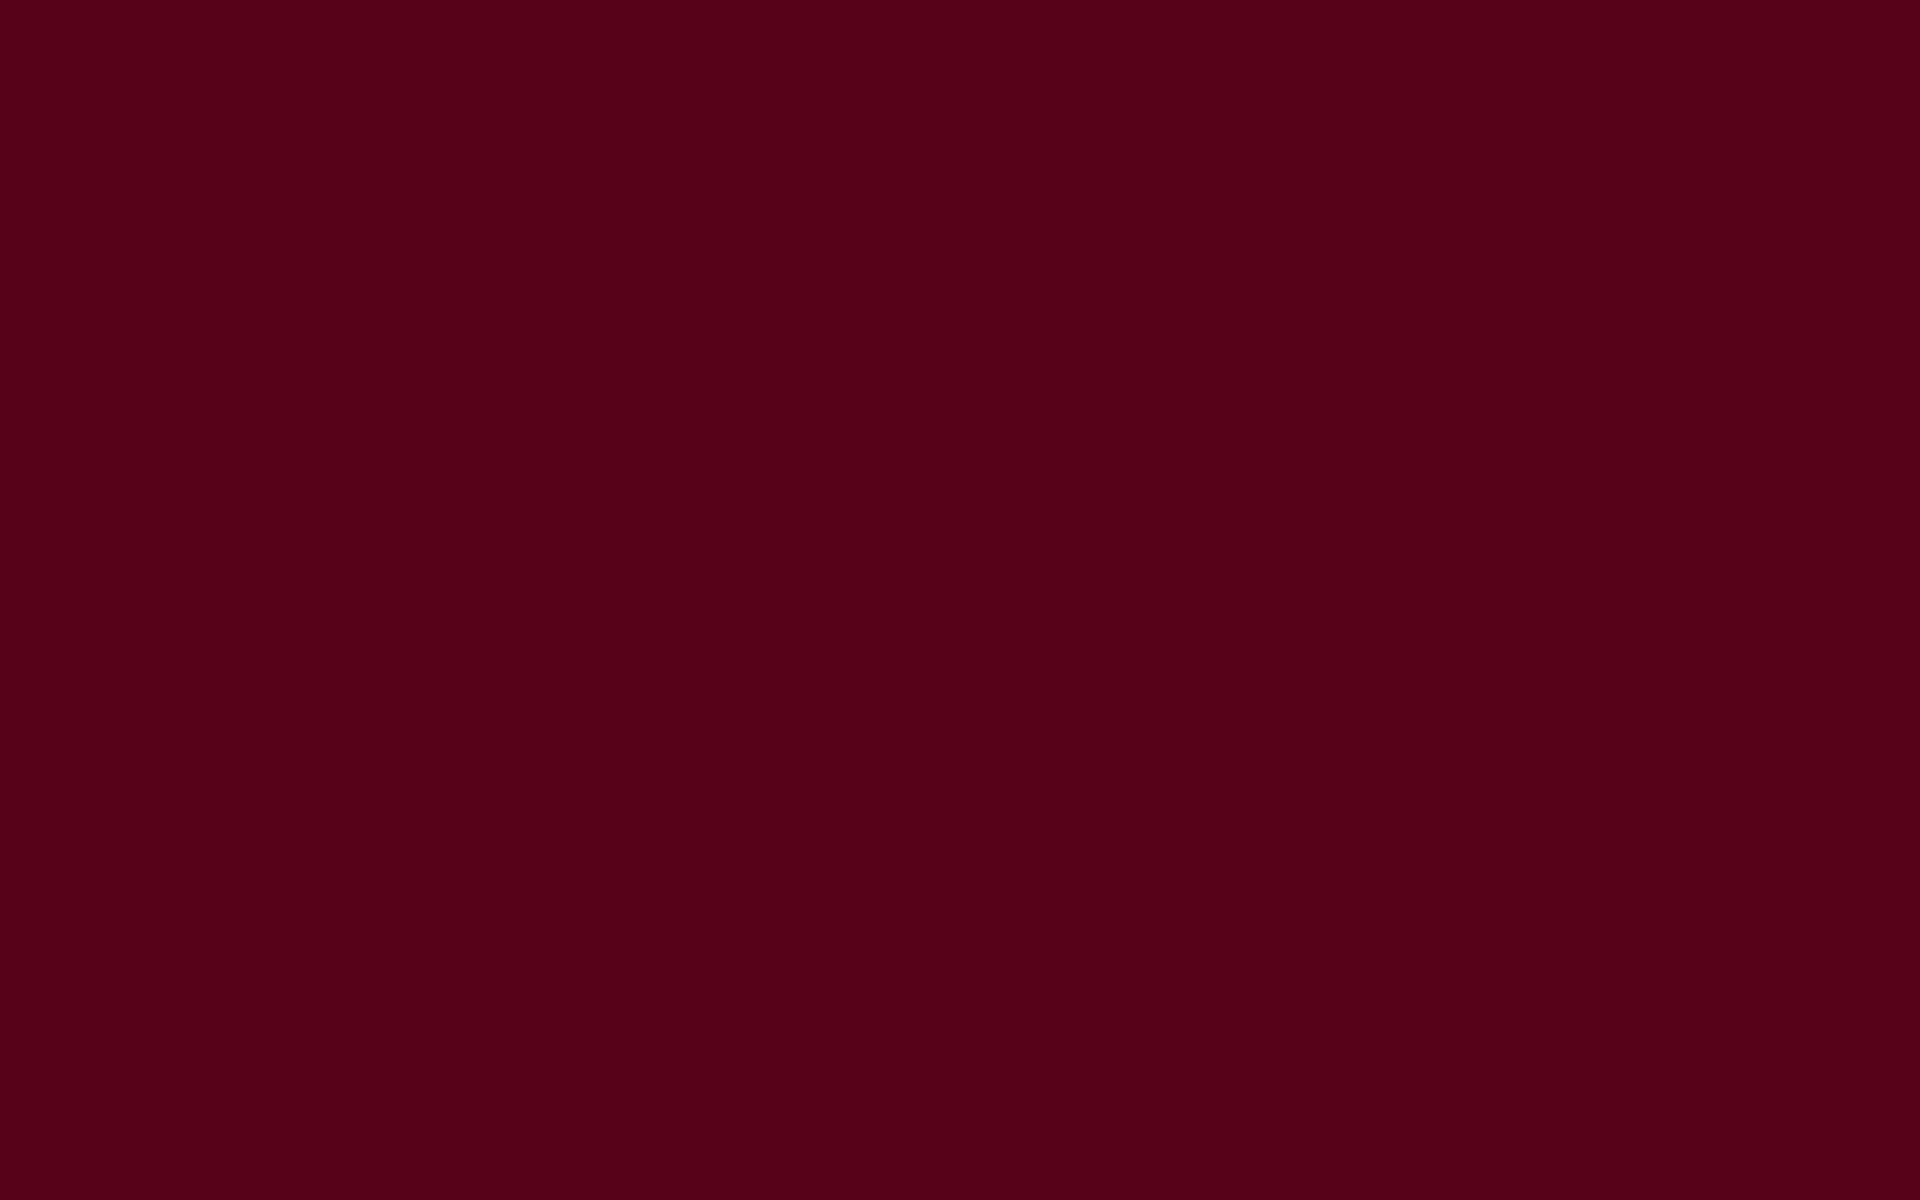 1920x1200 Dark Scarlet Solid Color Background